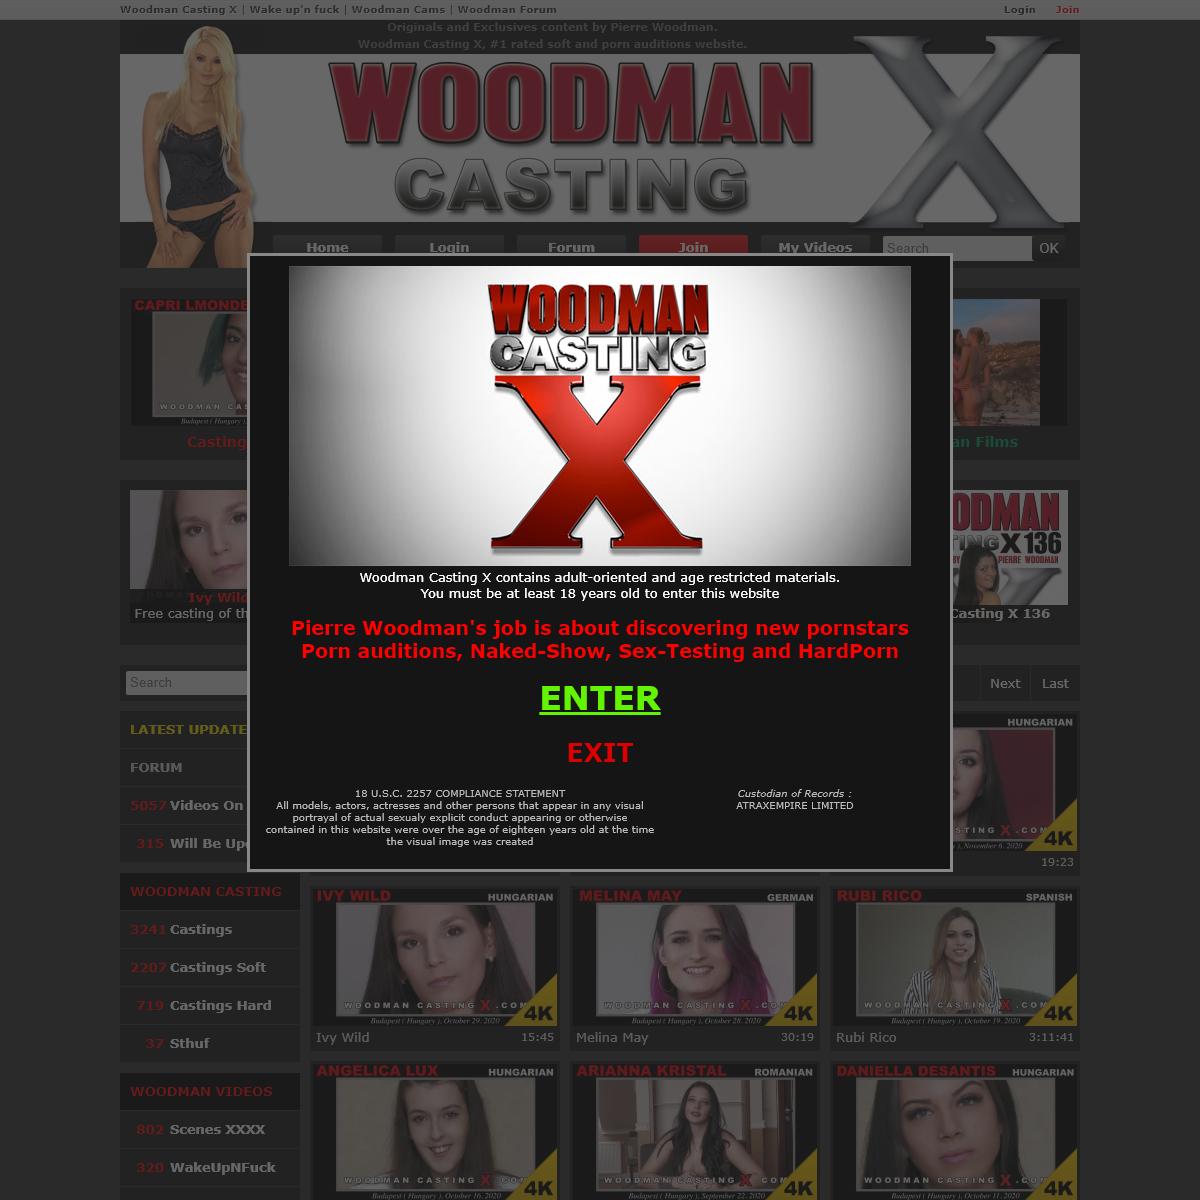 A complete backup of www.woodmancastingx.com